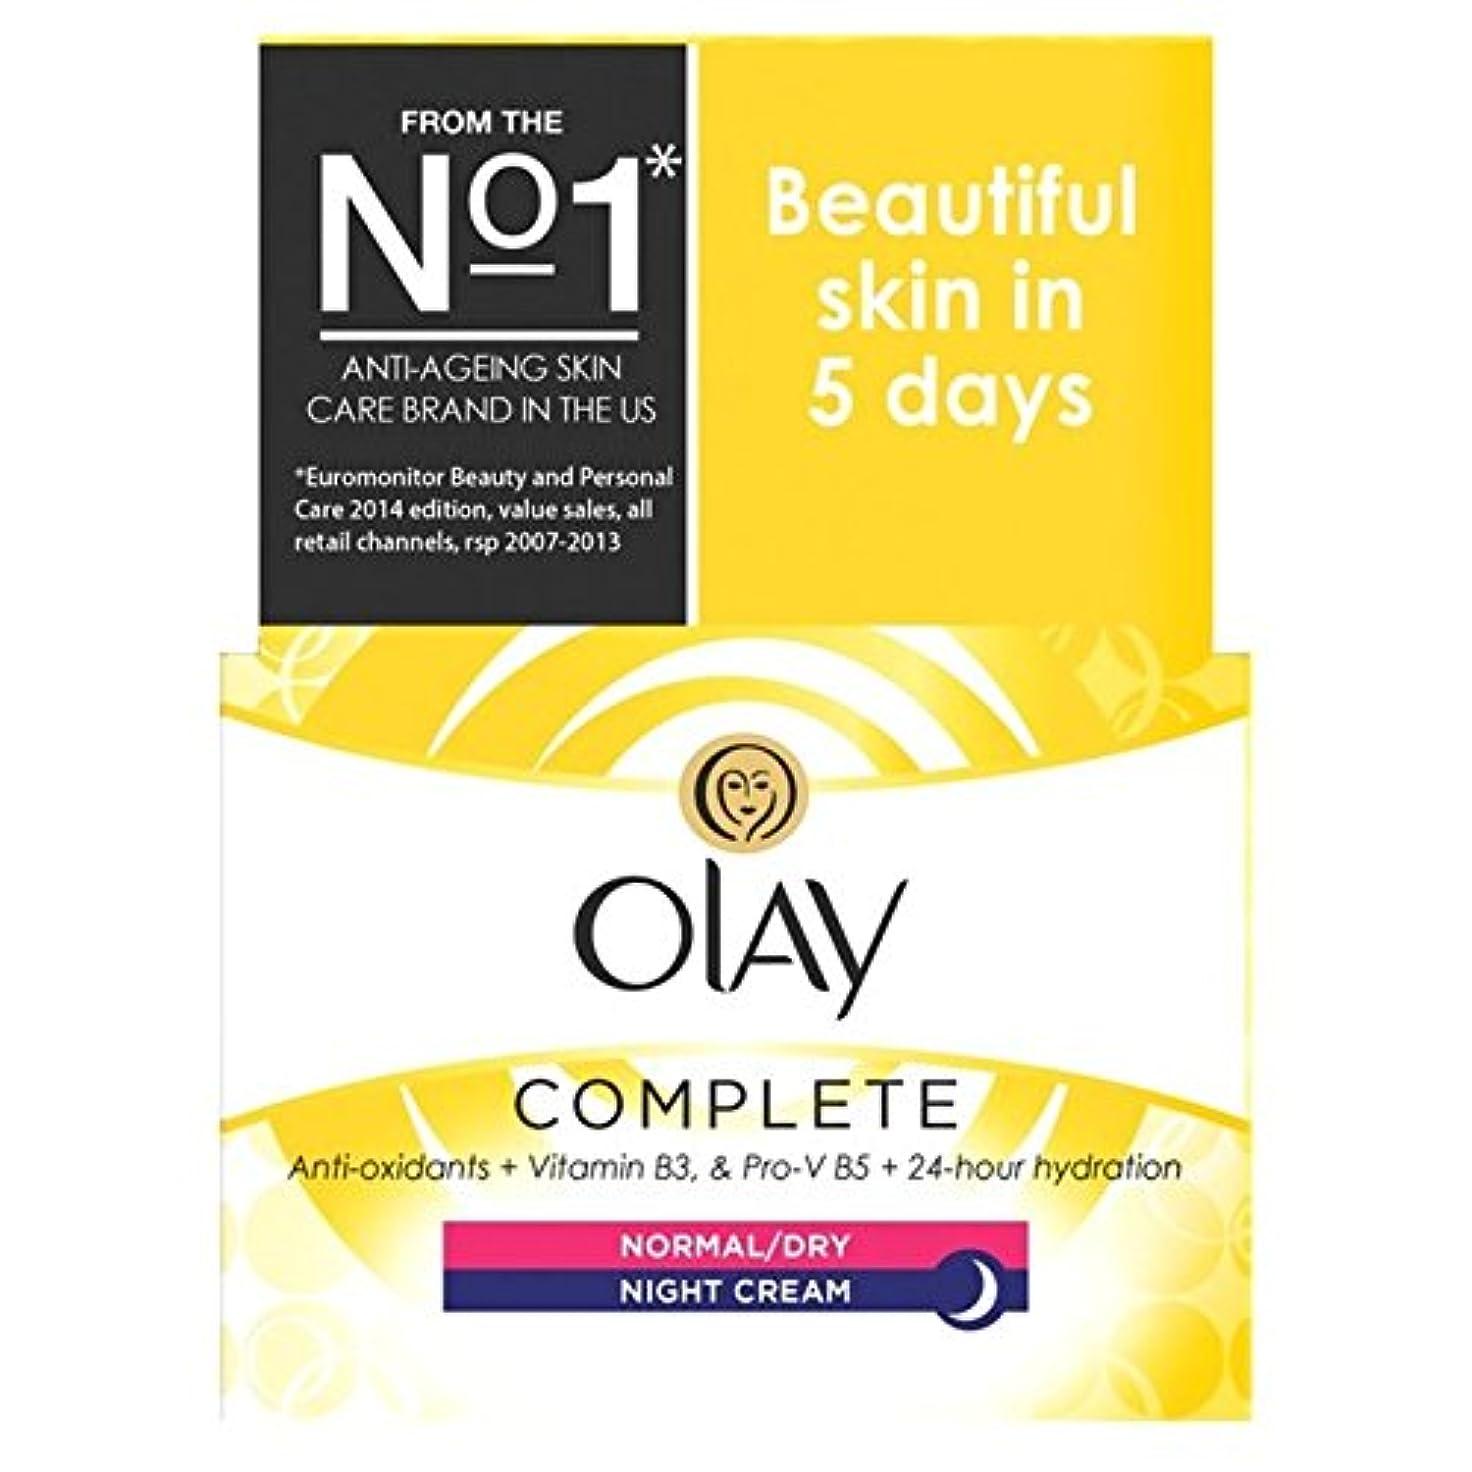 欠如効果的にピンポイントオーレイ必需品の完全なケア保湿ナイトクリーム50ミリリットル x4 - Olay Essentials Complete Care Moisturiser Night Cream 50ml (Pack of 4) [並行輸入品]